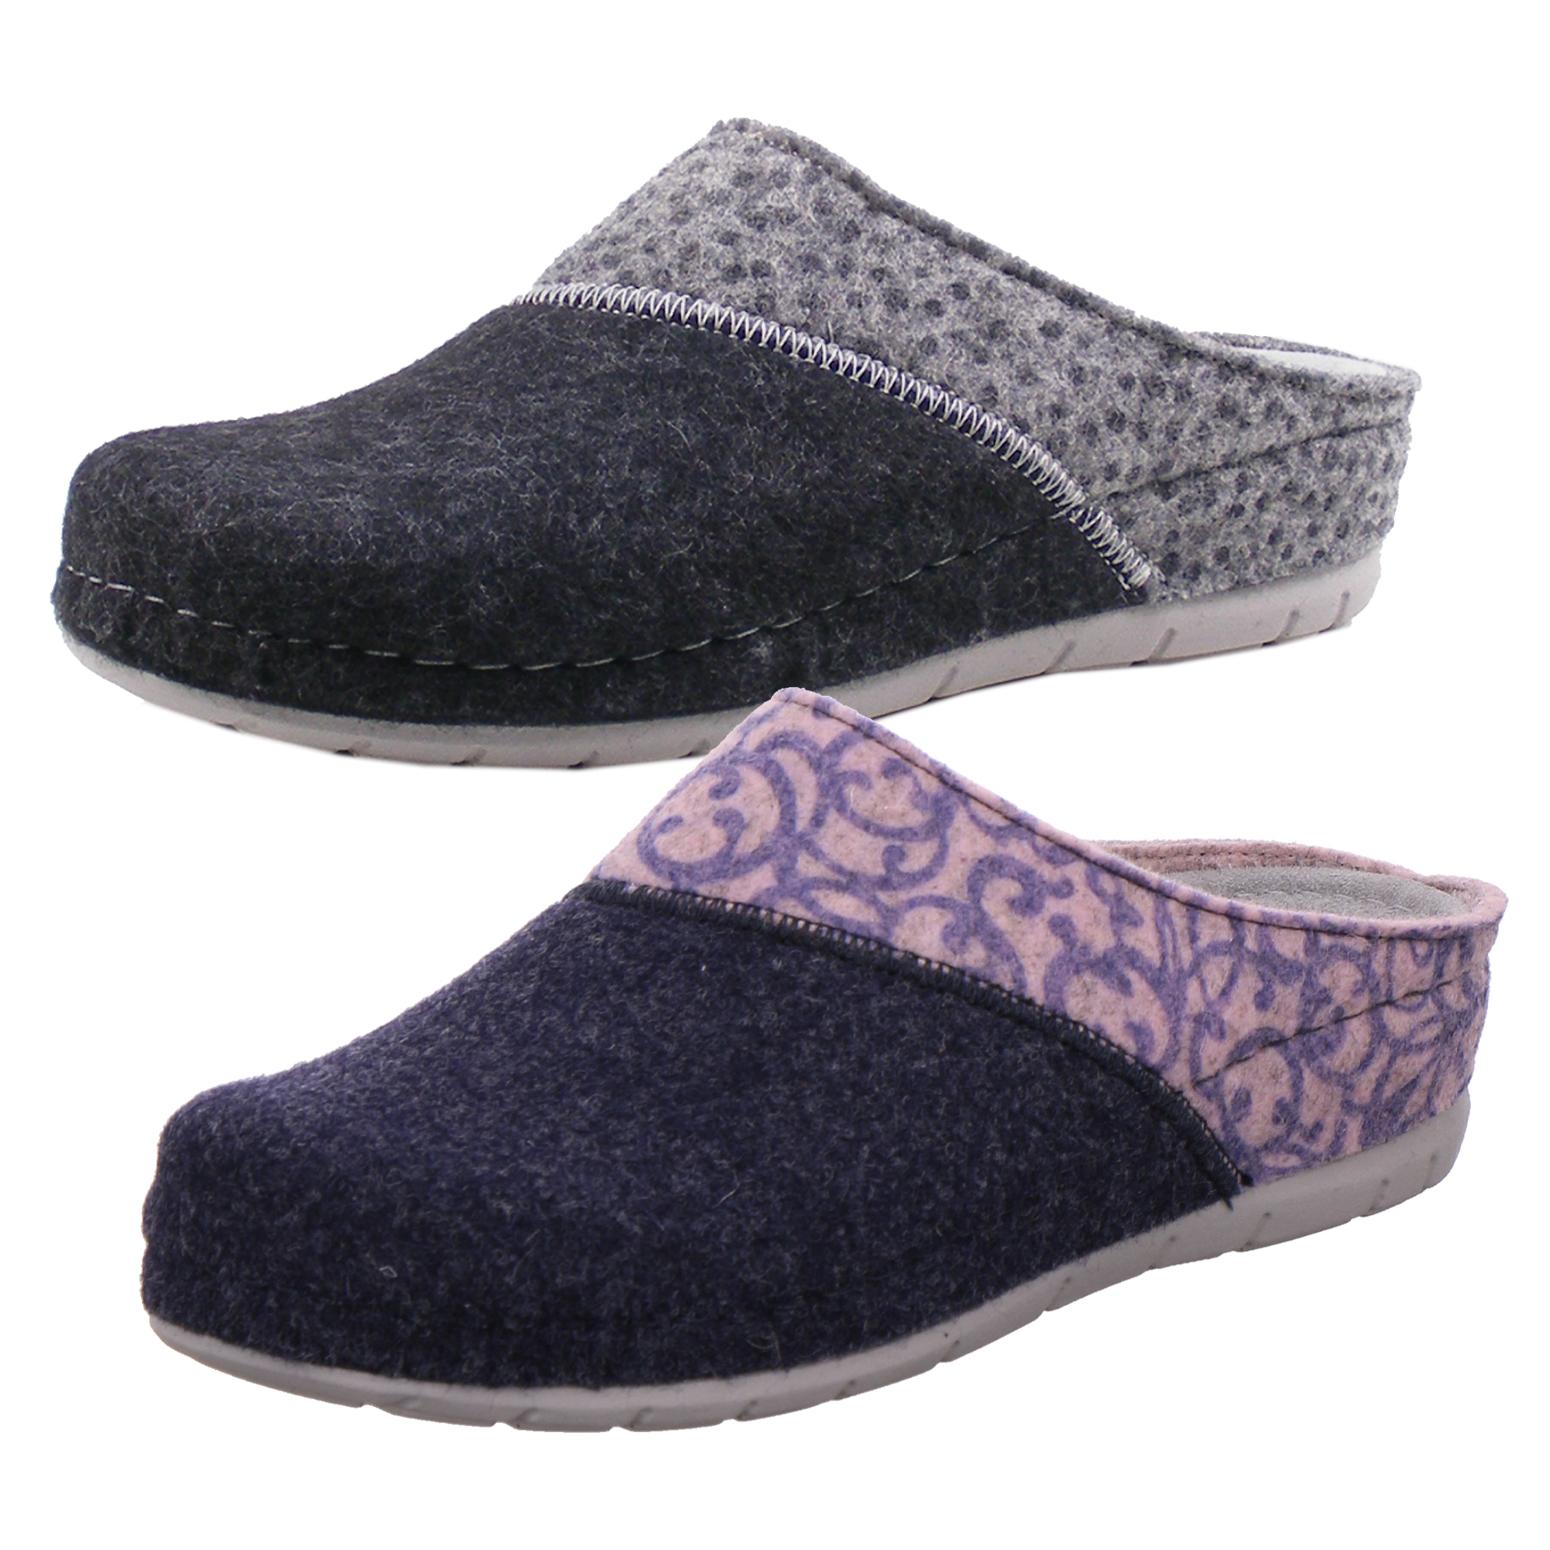 günstigster Preis Bestseller einkaufen Wählen Sie für späteste Rohde 6032 Rodigo-40 Damen Hausschuhe Pantoffeln Softfilz